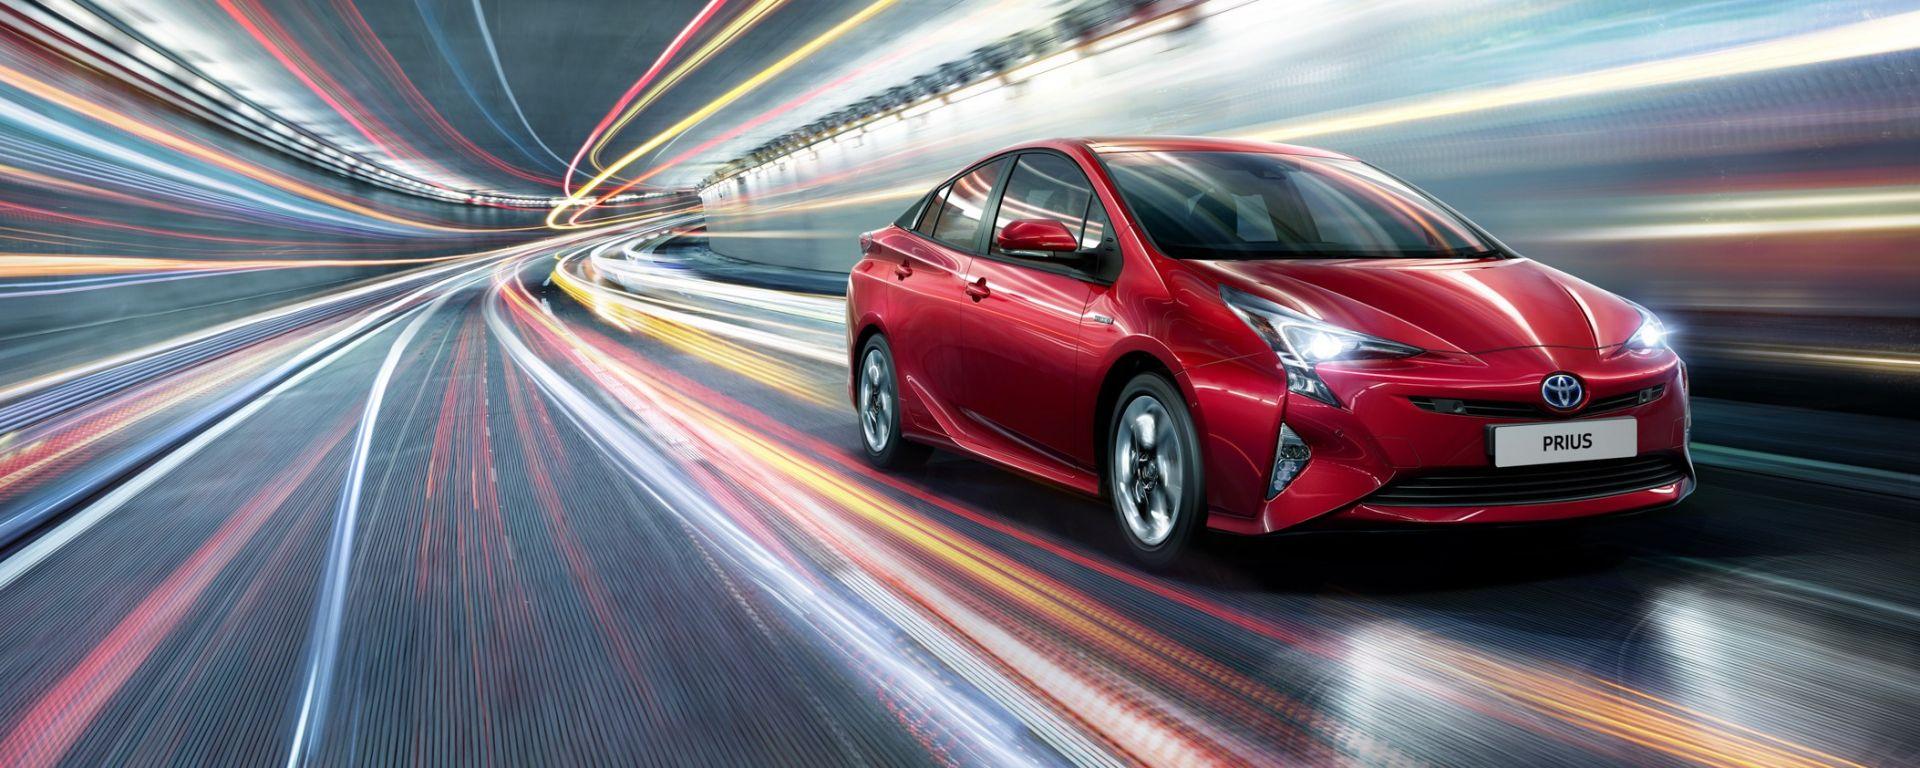 Toyota  Prius non entra più gratis nell'Area C (di Londra)